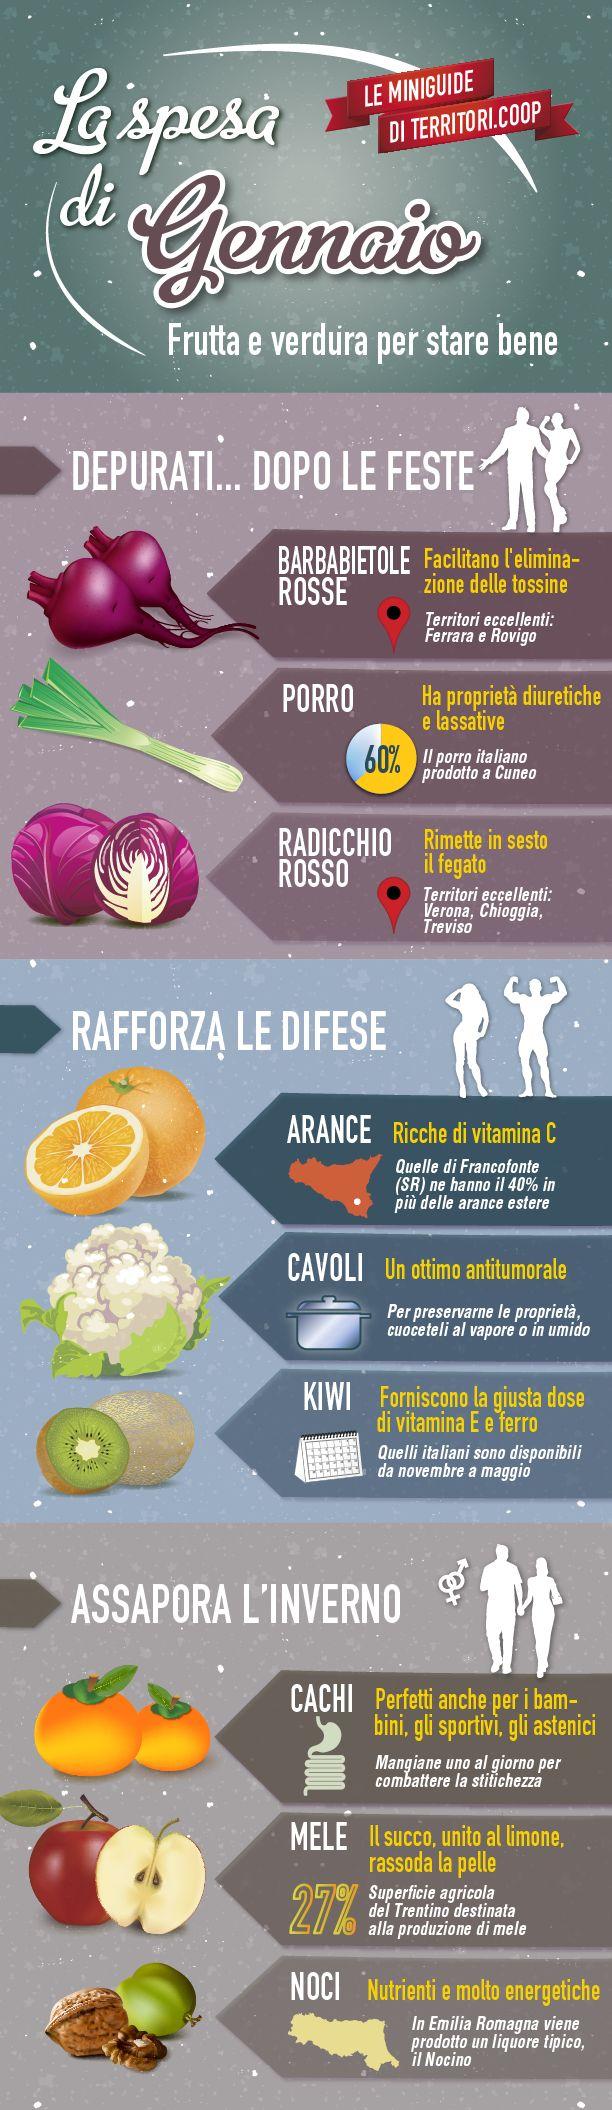 La spesa di gennaio #territoriCoop #frutta #verdura #stagione